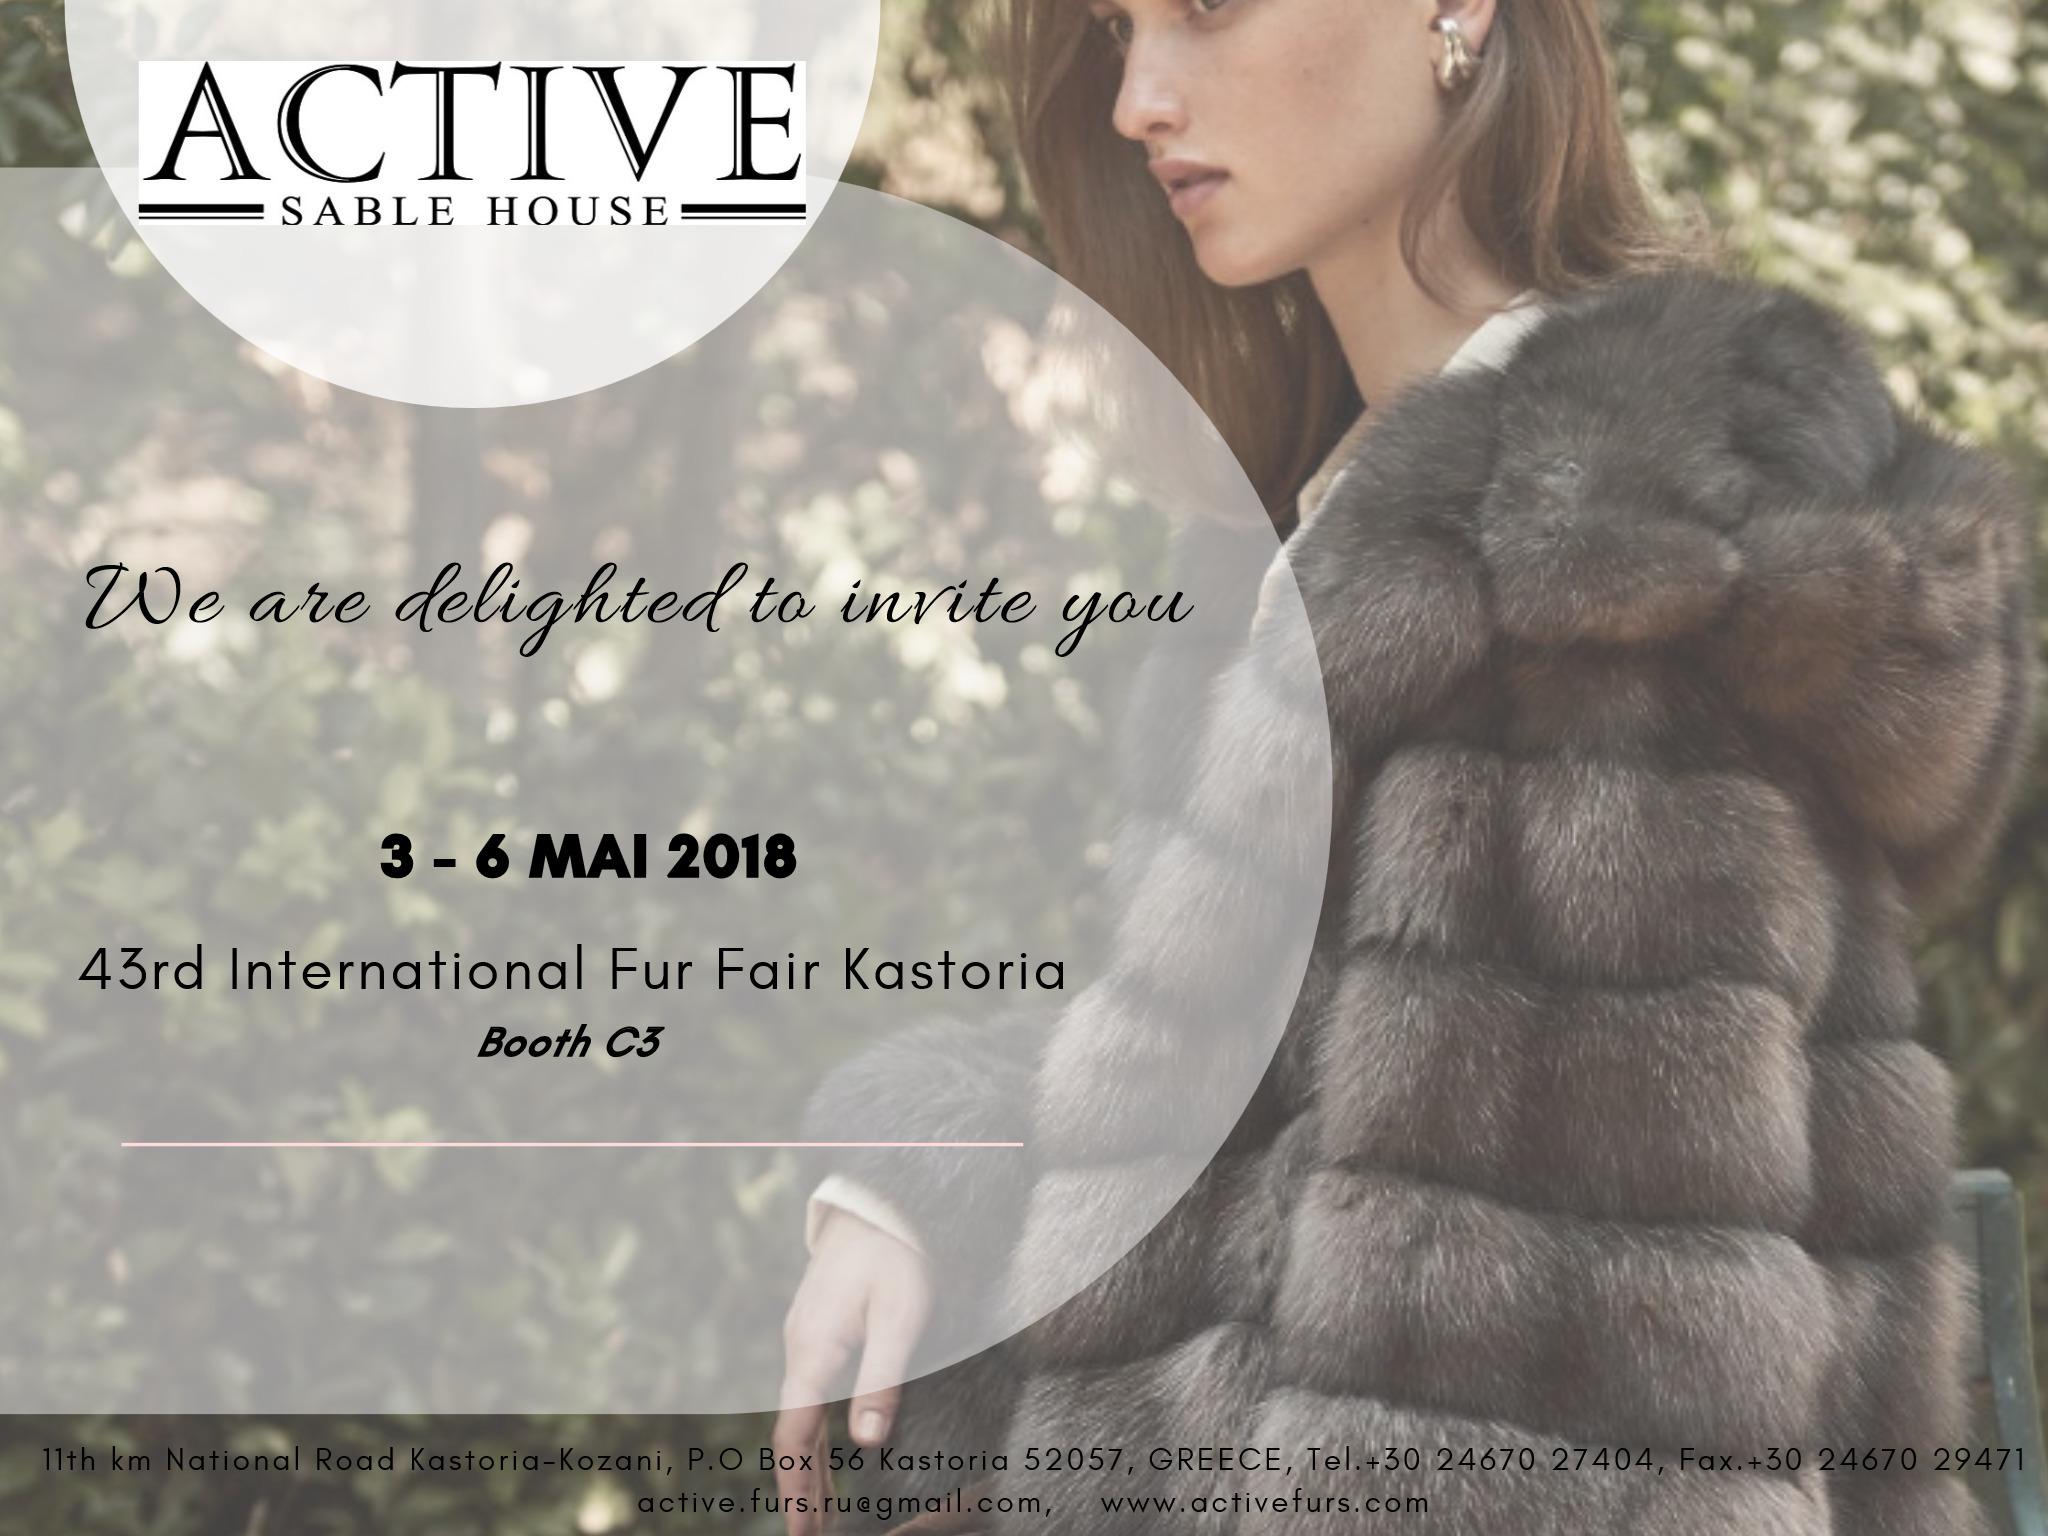 Kastoria invitation